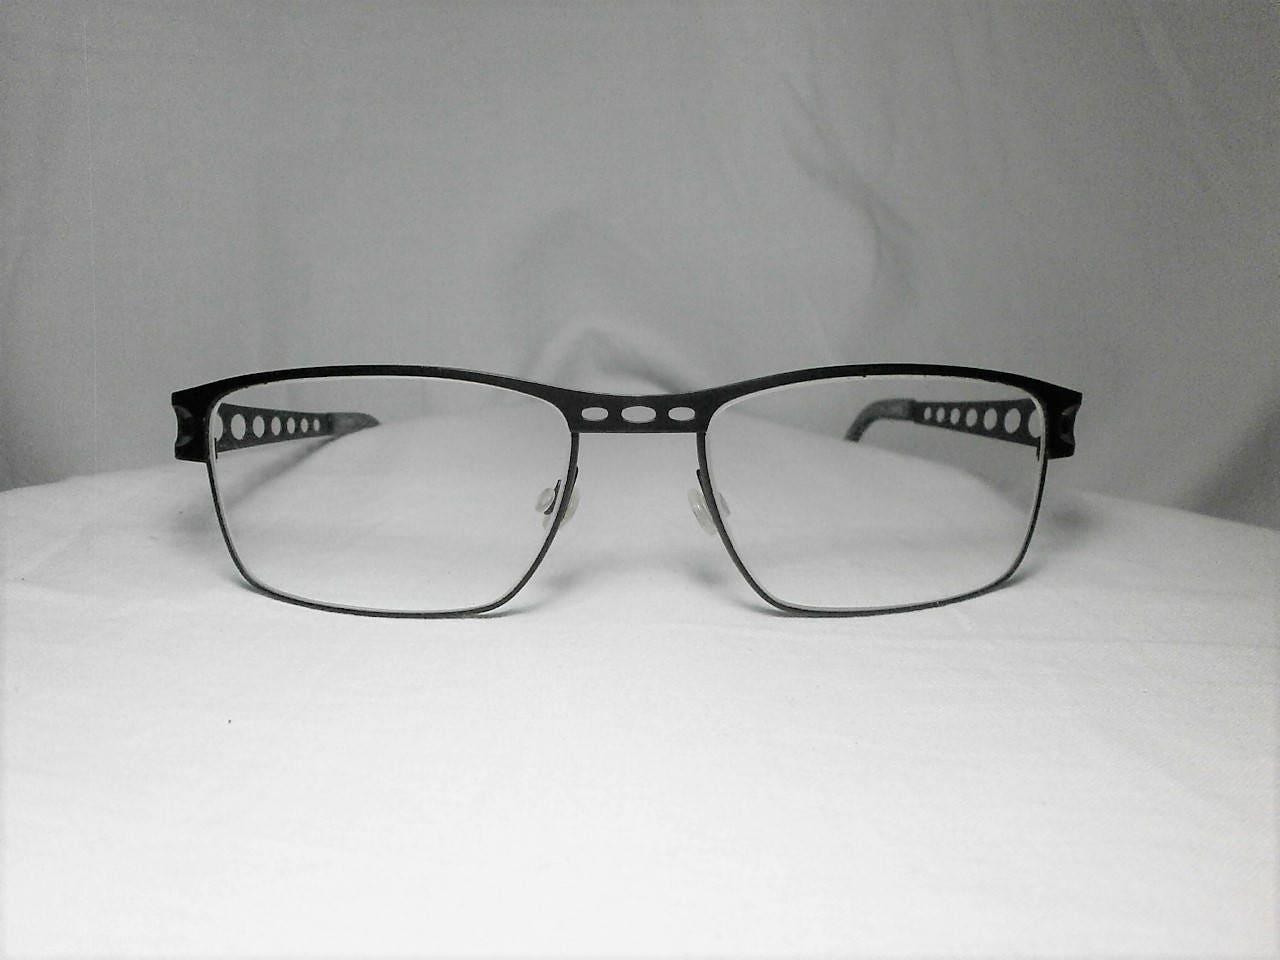 FLEYE Kopenhagen ClubMaster Titan Brille Rahmen Männer